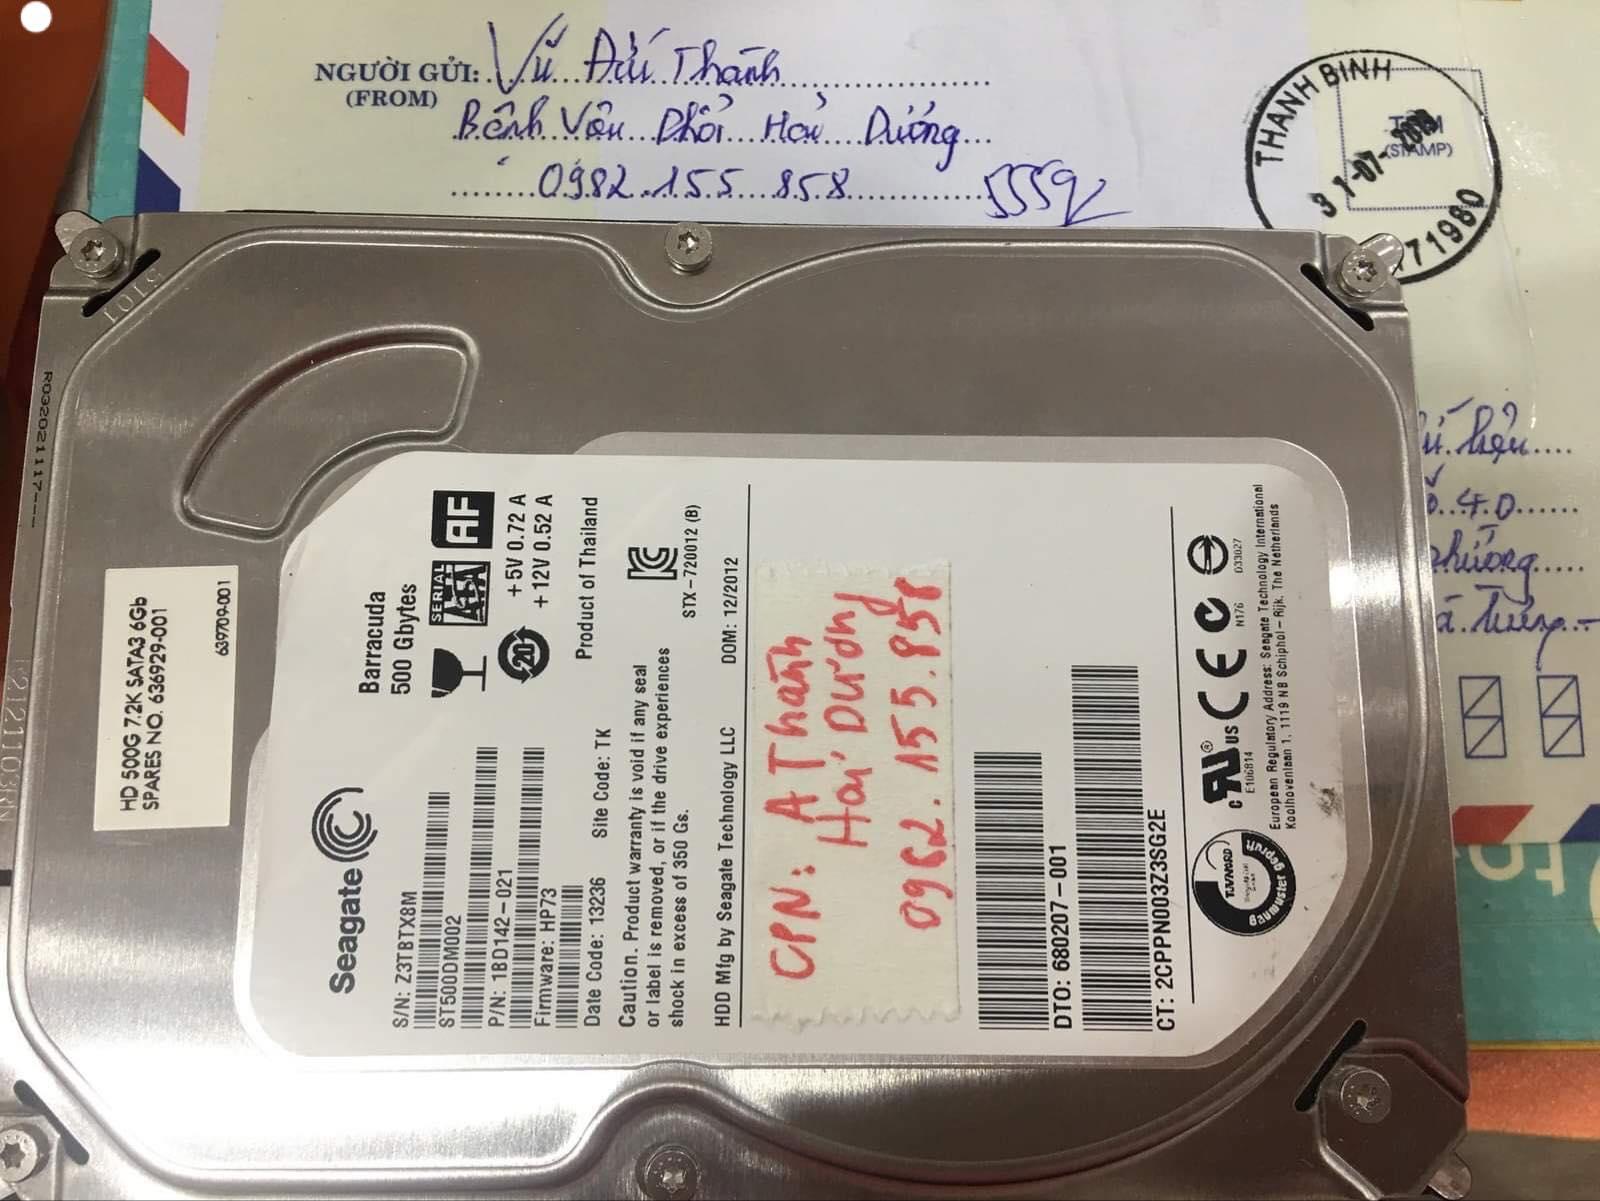 Khôi phục dữ liệu ổ cứng Seagate 500GB không nhận tại Hải Dương 08/08/2019 - cuumaytinh